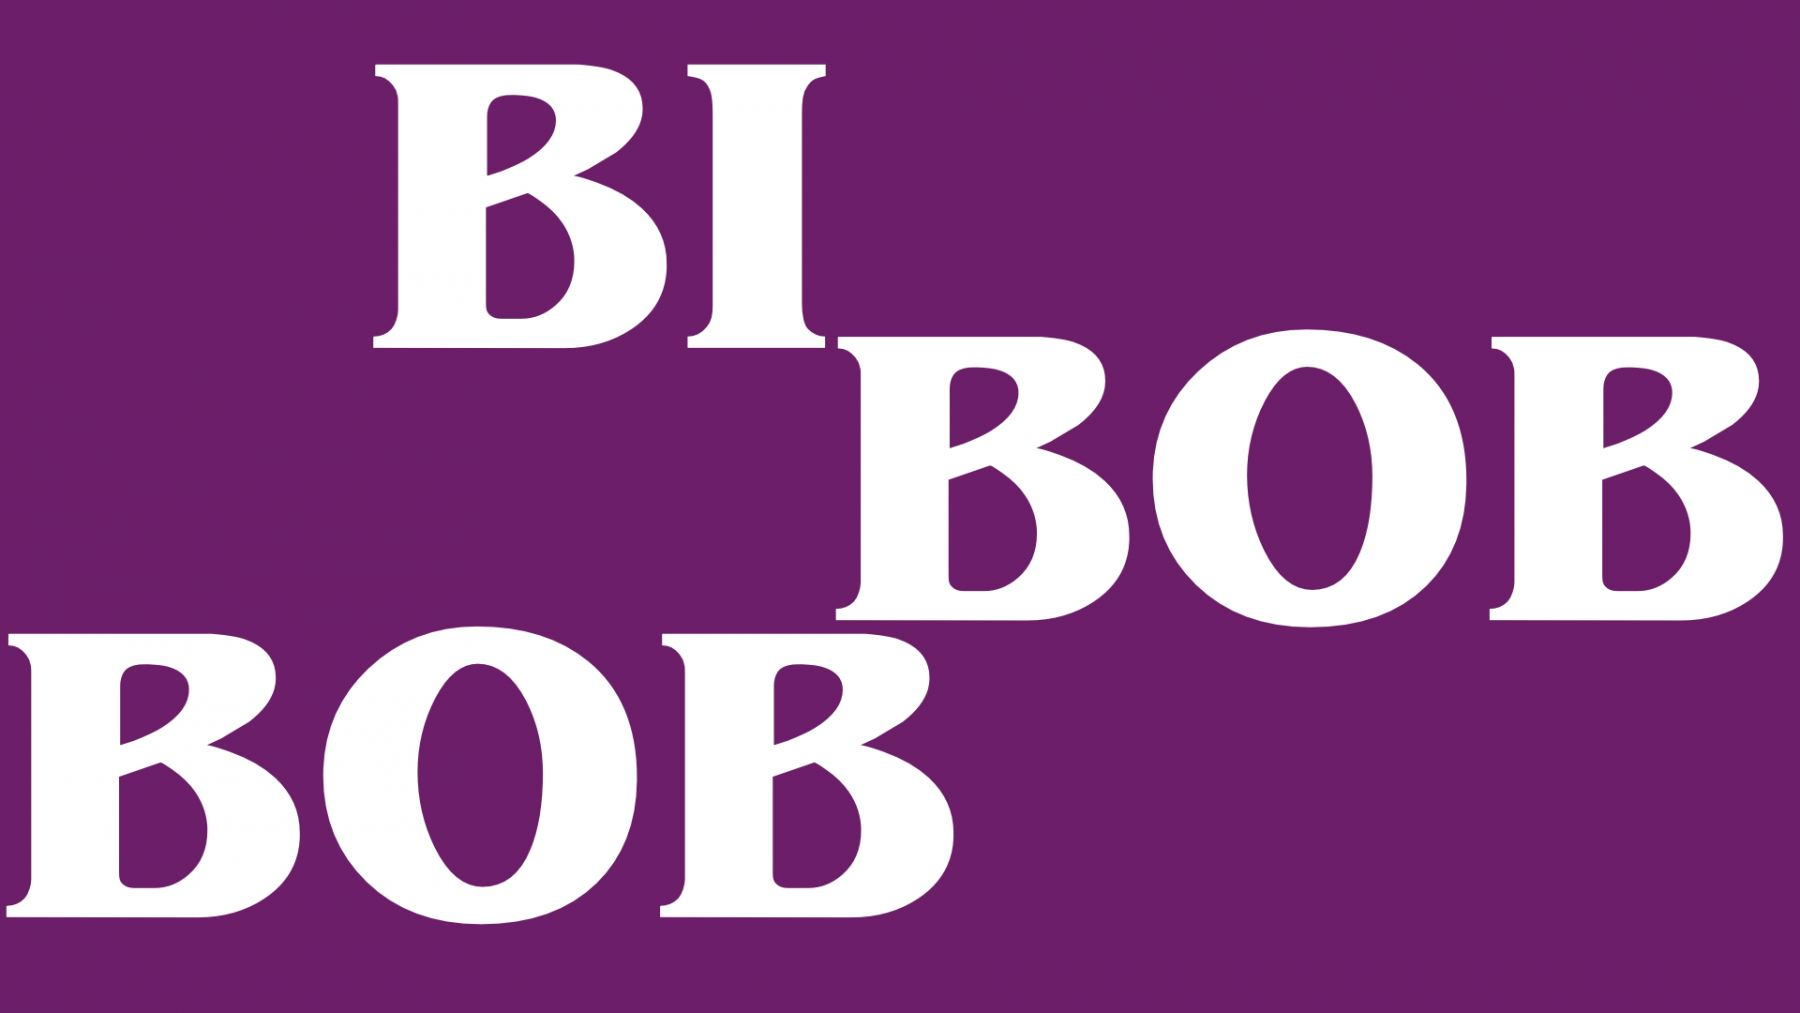 26-bob